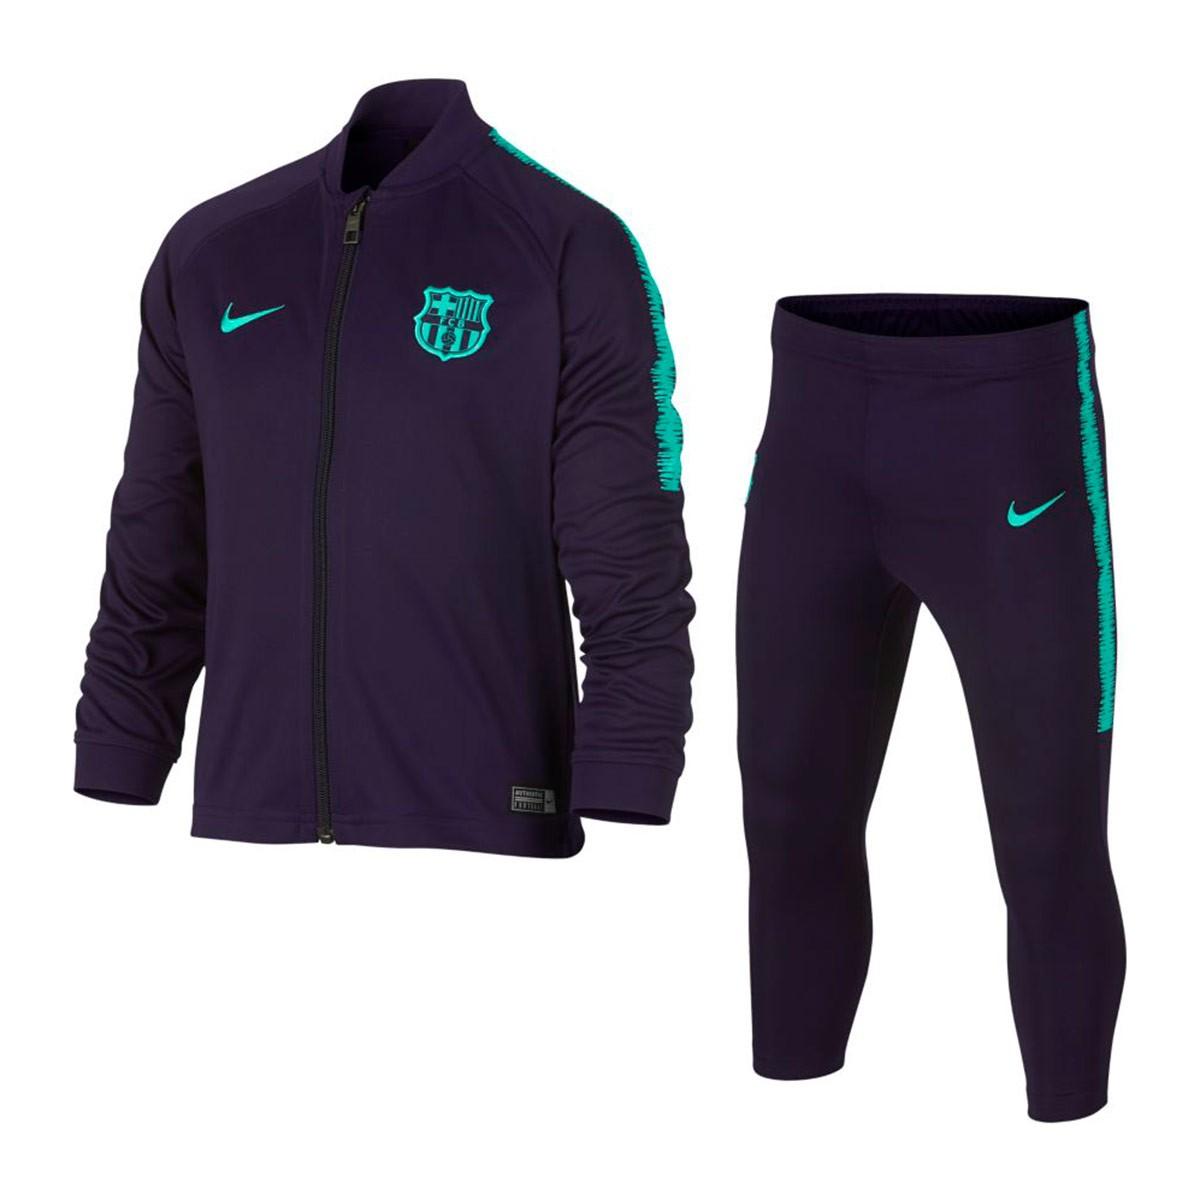 6cae0c8b8a36d Chándal Nike Dry FC Barcelona Squad 2018-2019 Niño Purple dynasty-Hyper  turquoise - Tienda de fútbol Fútbol Emotion